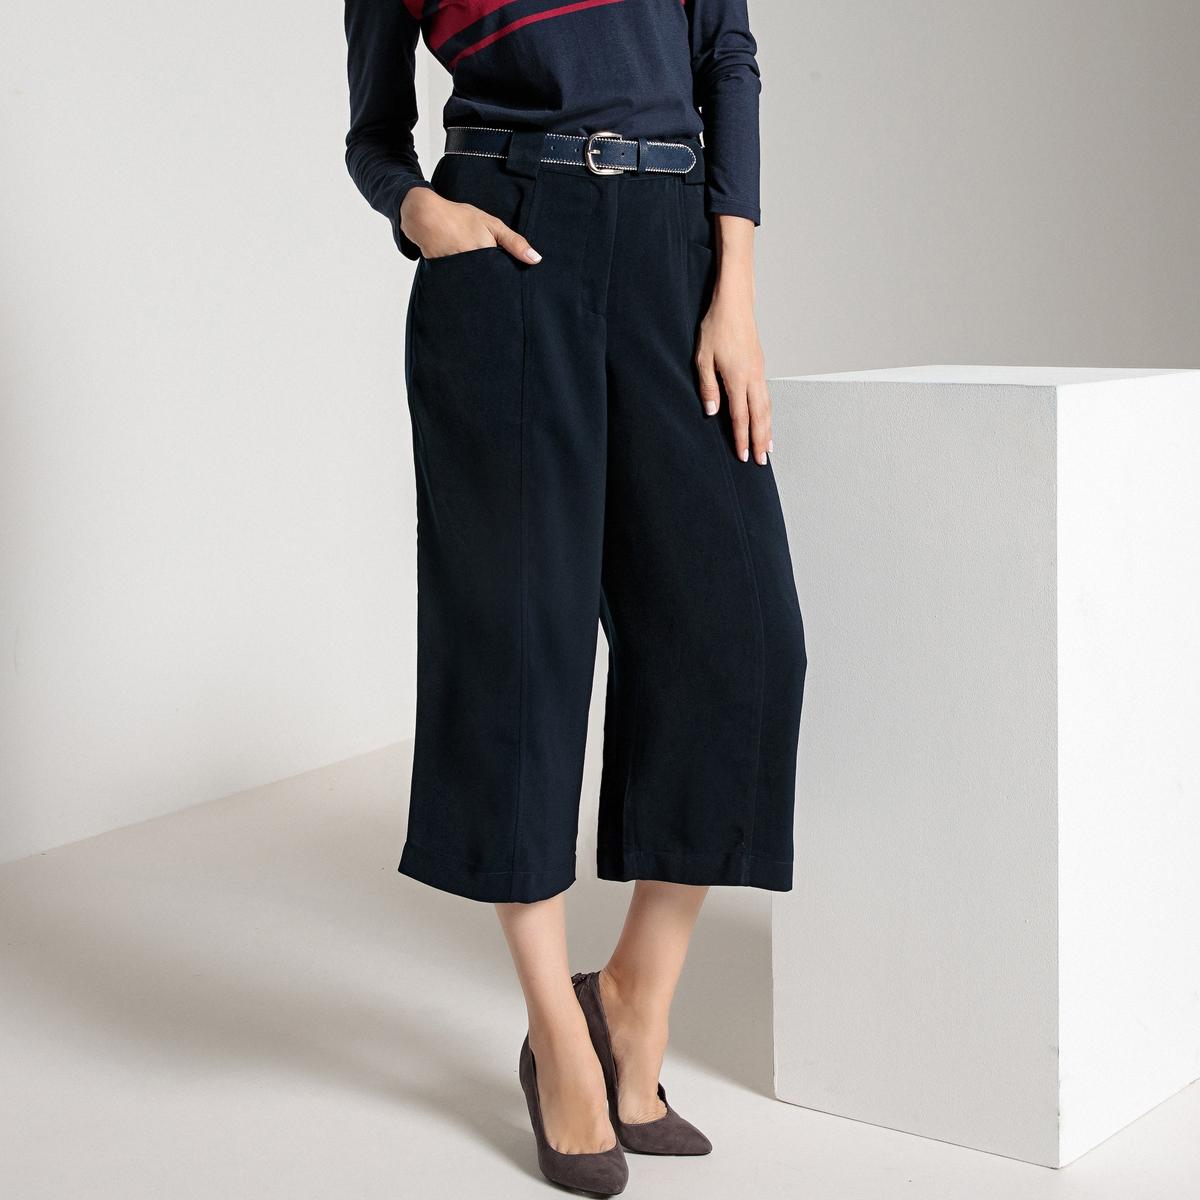 Imagen adicional 3 de producto de Falda pantalón ancha, con pliegue delante y detrás - Anne weyburn